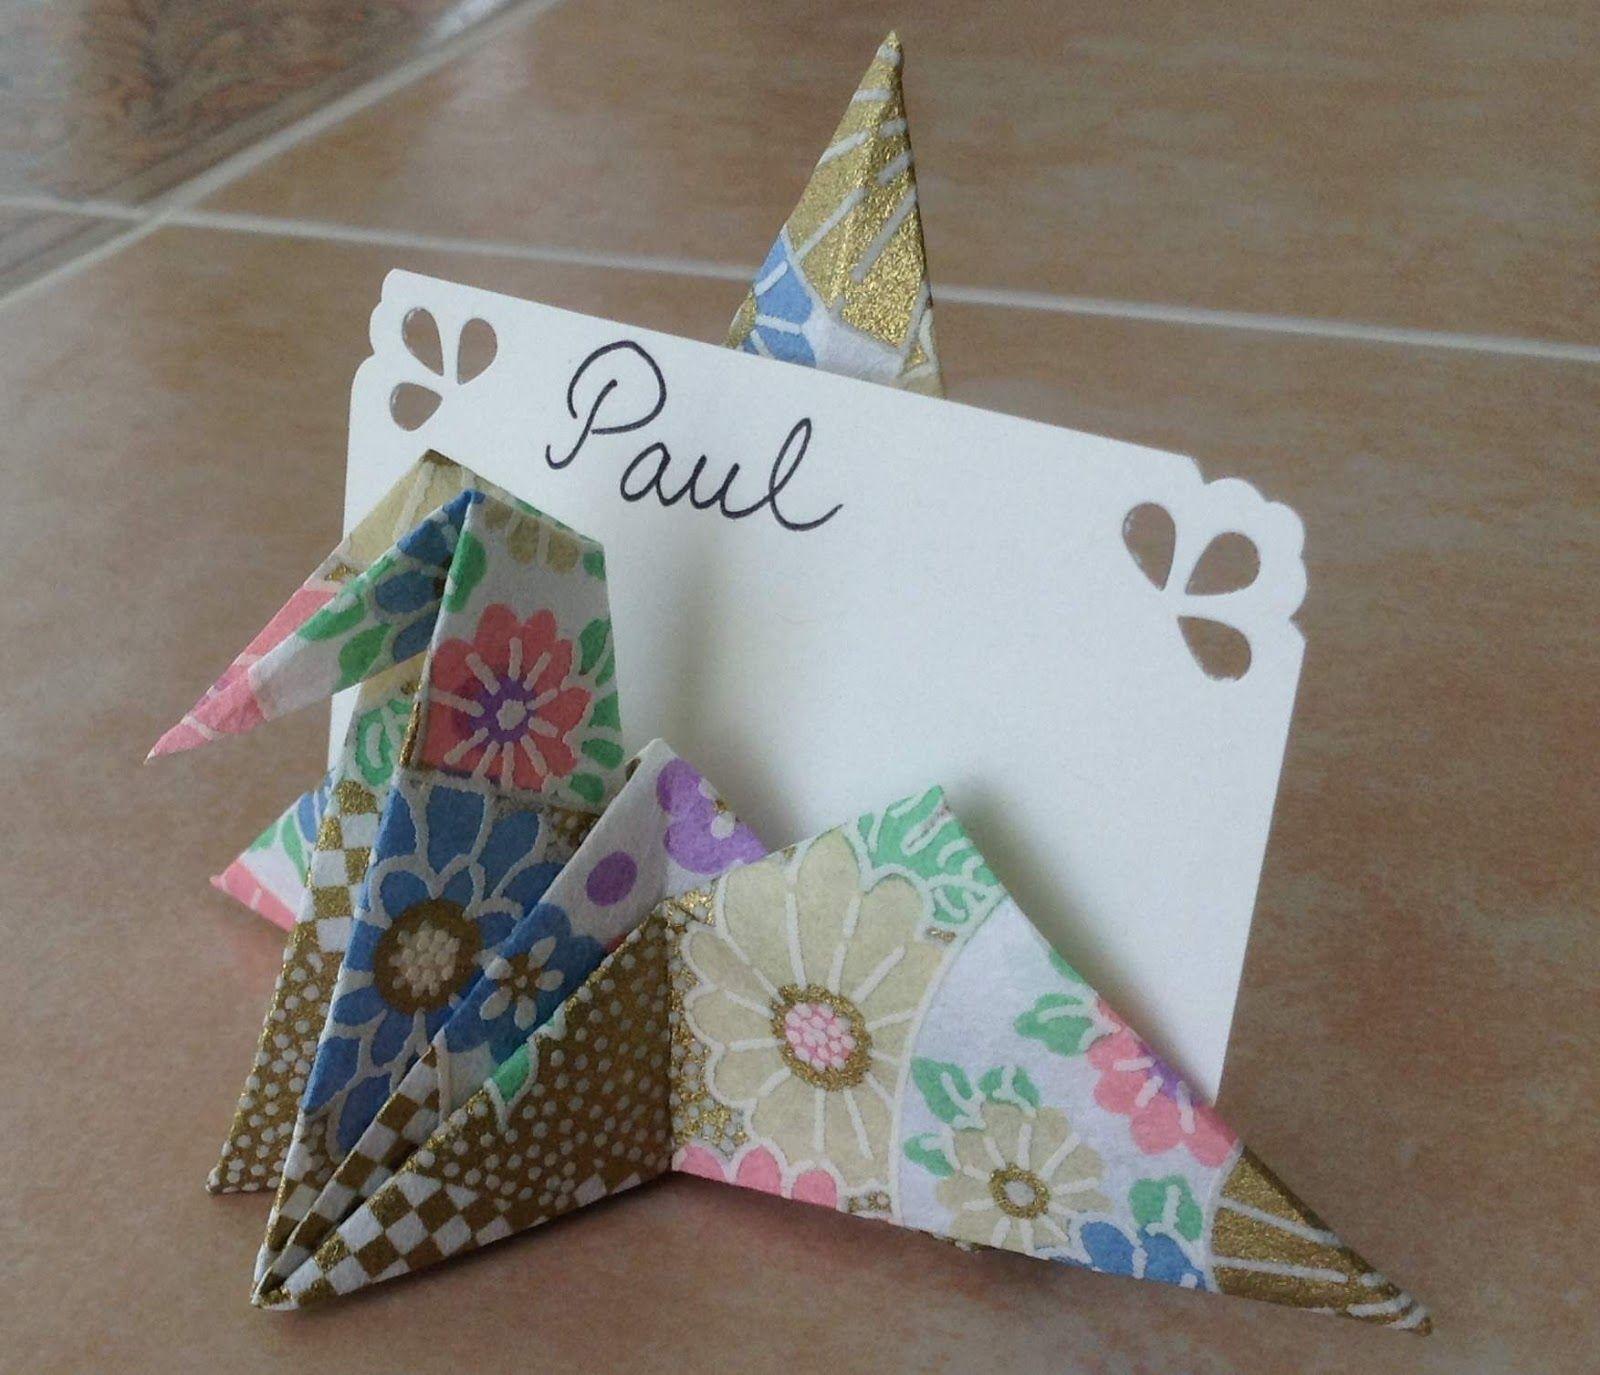 Origami crane crane origami craft ideas - Origami Decorations Crane Place Card Holder Origami Artis Bellus